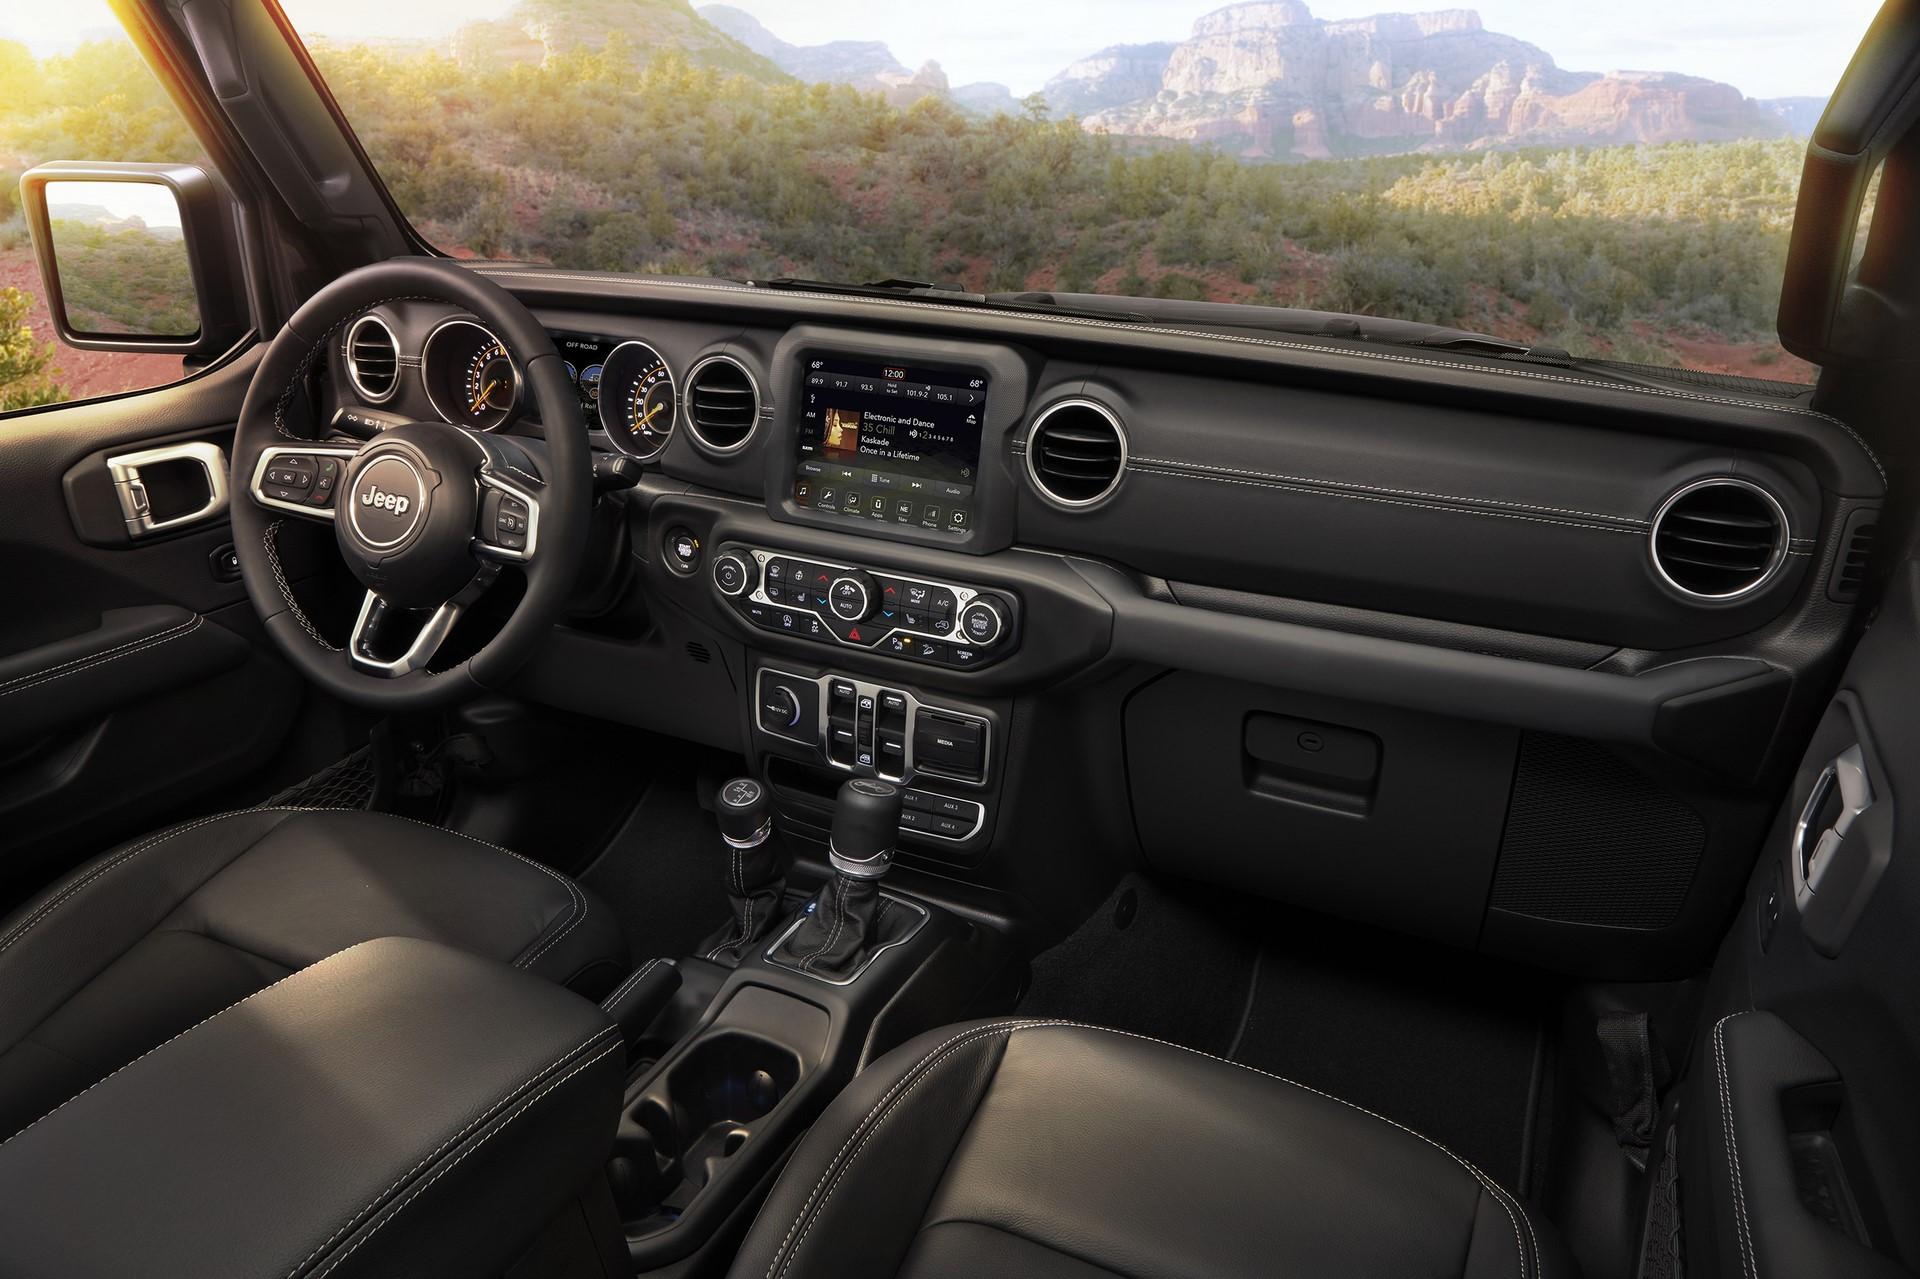 2018 Jeep Wrangler 110 (14)